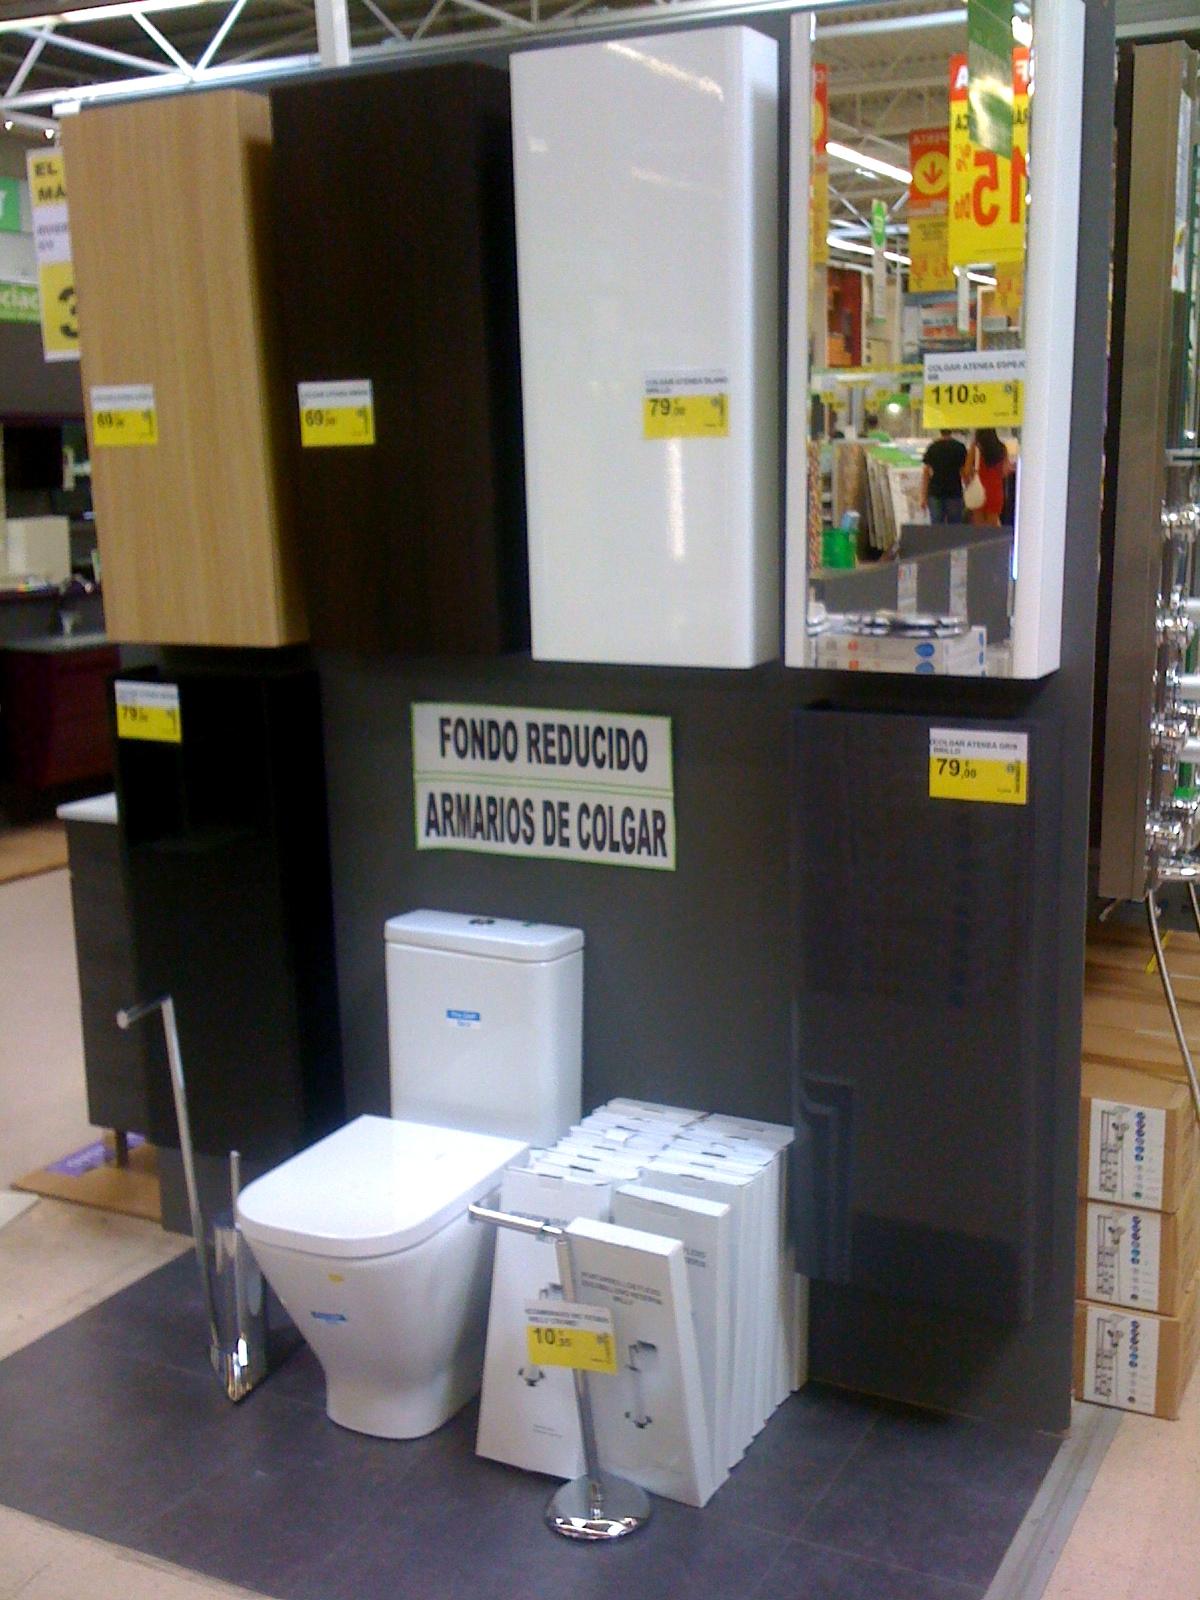 Ba o con ducha los muebles de ba o para colgar con fondo reducido 14 cm - Mueble para encima del inodoro ...